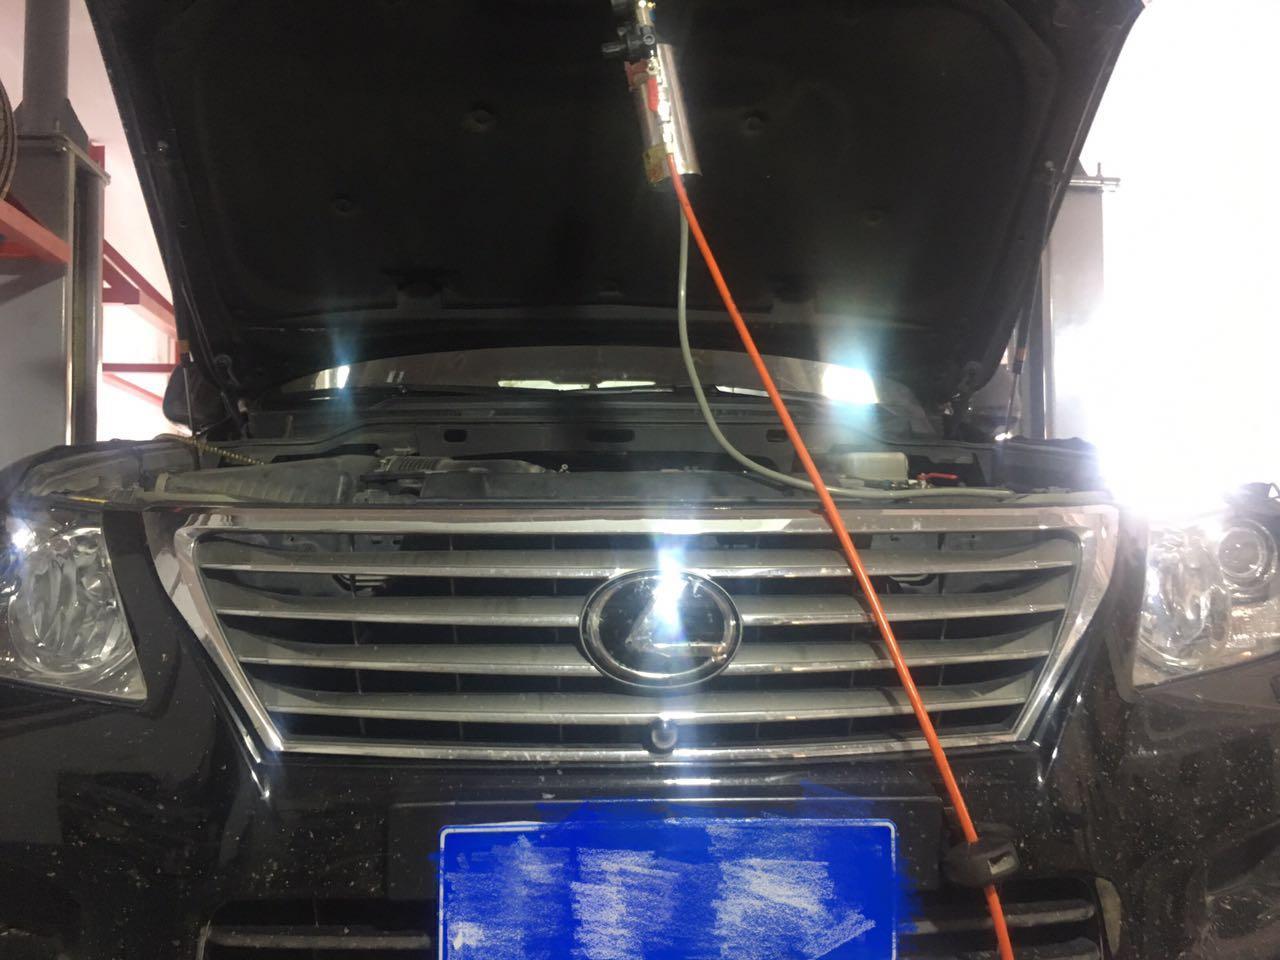 機器更換變速箱油,可視化清洗蒸發箱,檢查空調不涼,全車油更換